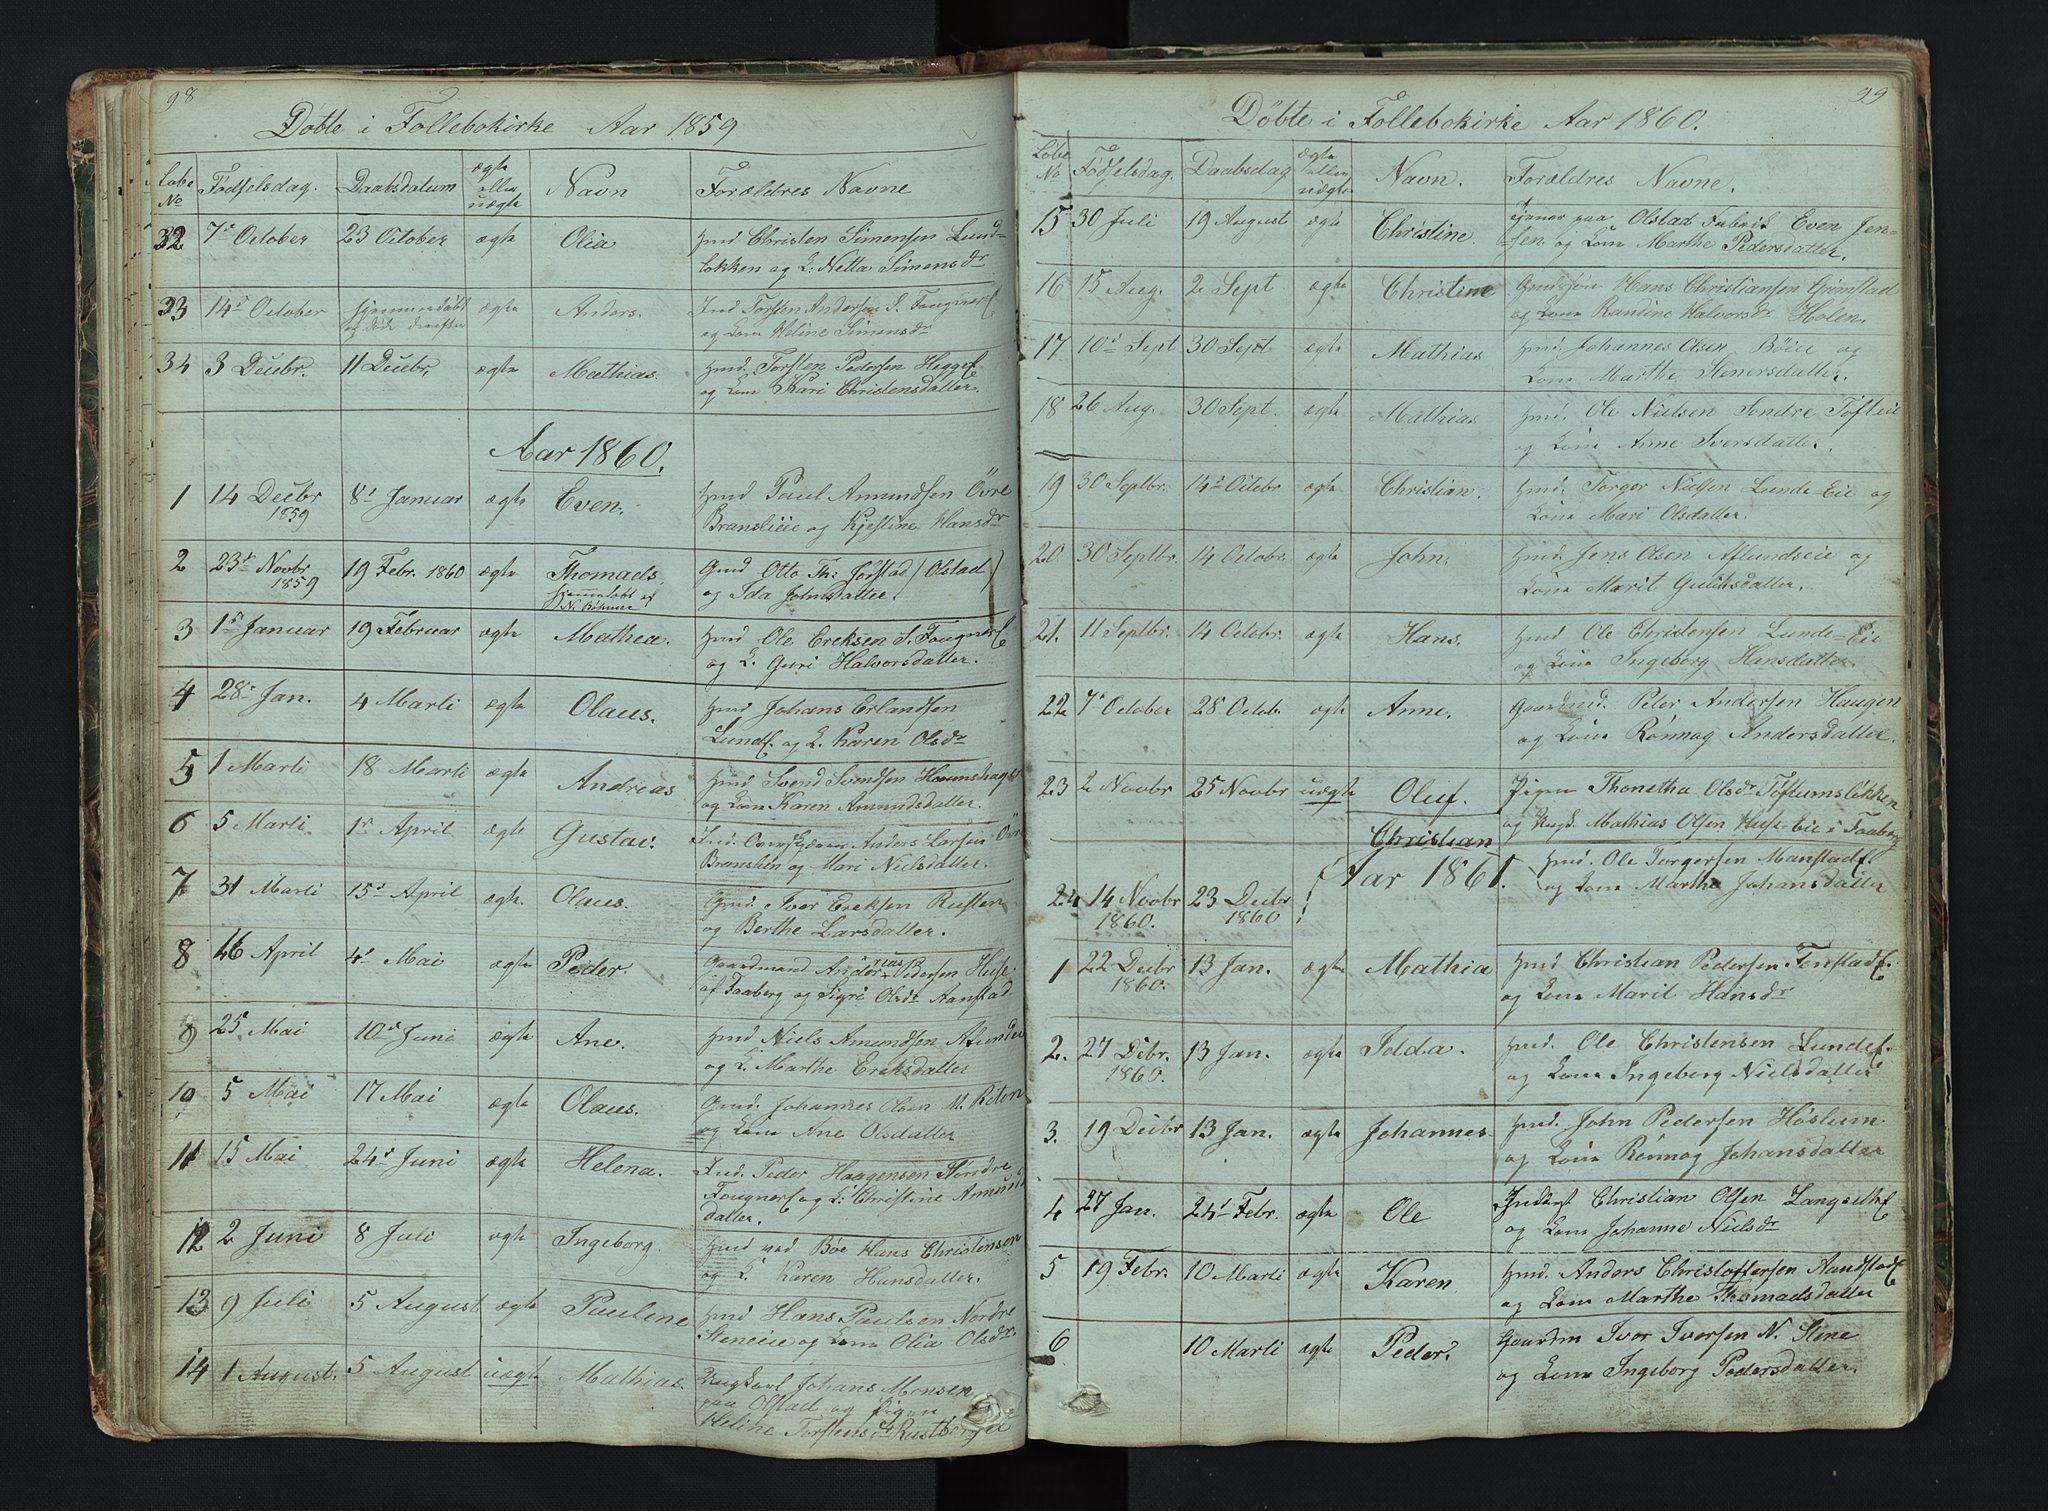 SAH, Gausdal prestekontor, Klokkerbok nr. 6, 1846-1893, s. 98-99